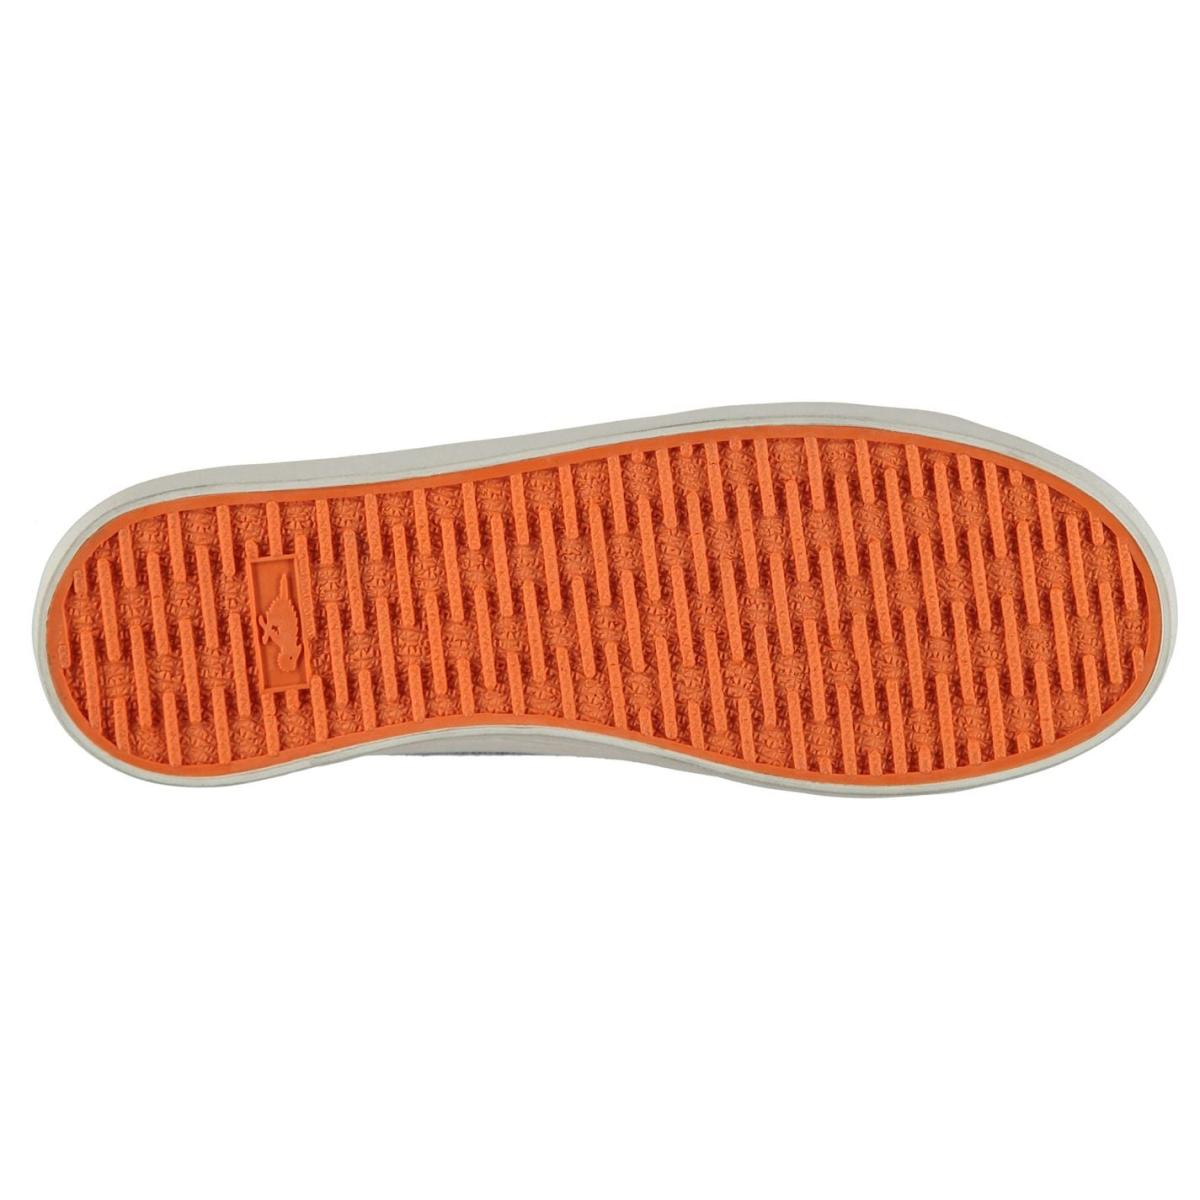 Rocket-Dog-Damen-Turnschuhe-Laufschuhe-Sneakers-Sportschuhe-Canvas-8051 Indexbild 3